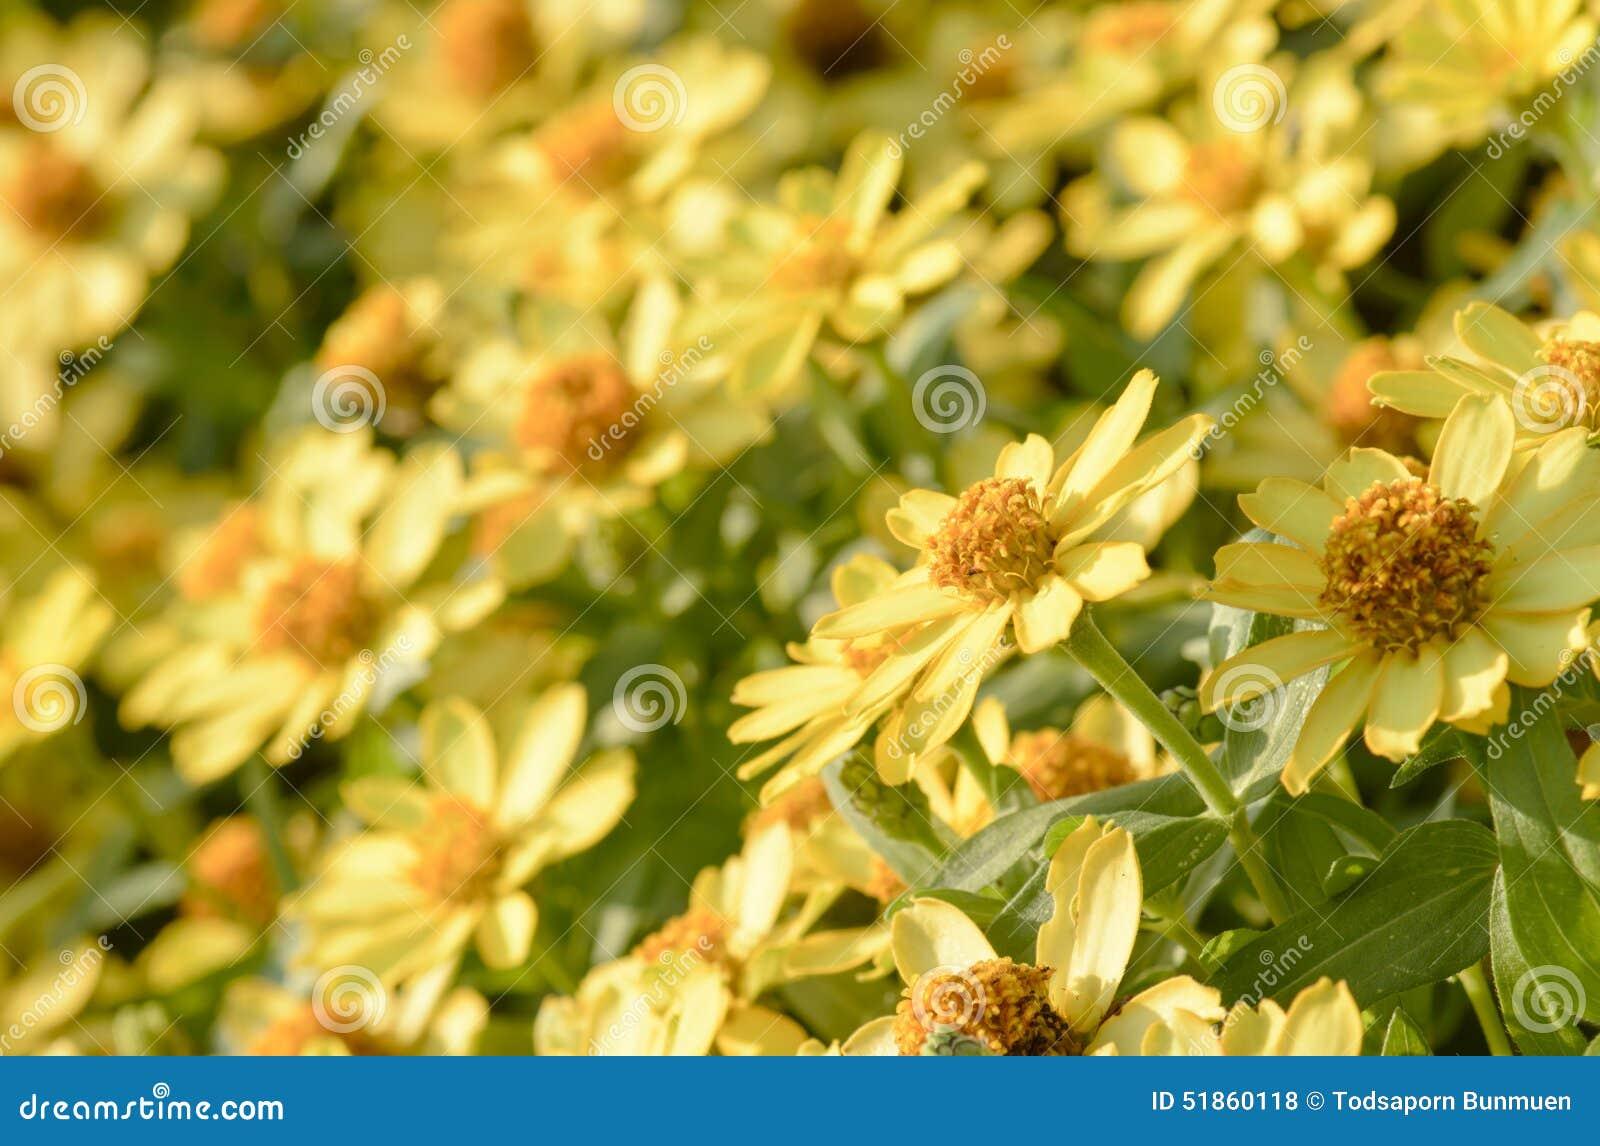 Fleurs oranges de zinnia dans le jardin photo stock for Fleurs dans le jardin